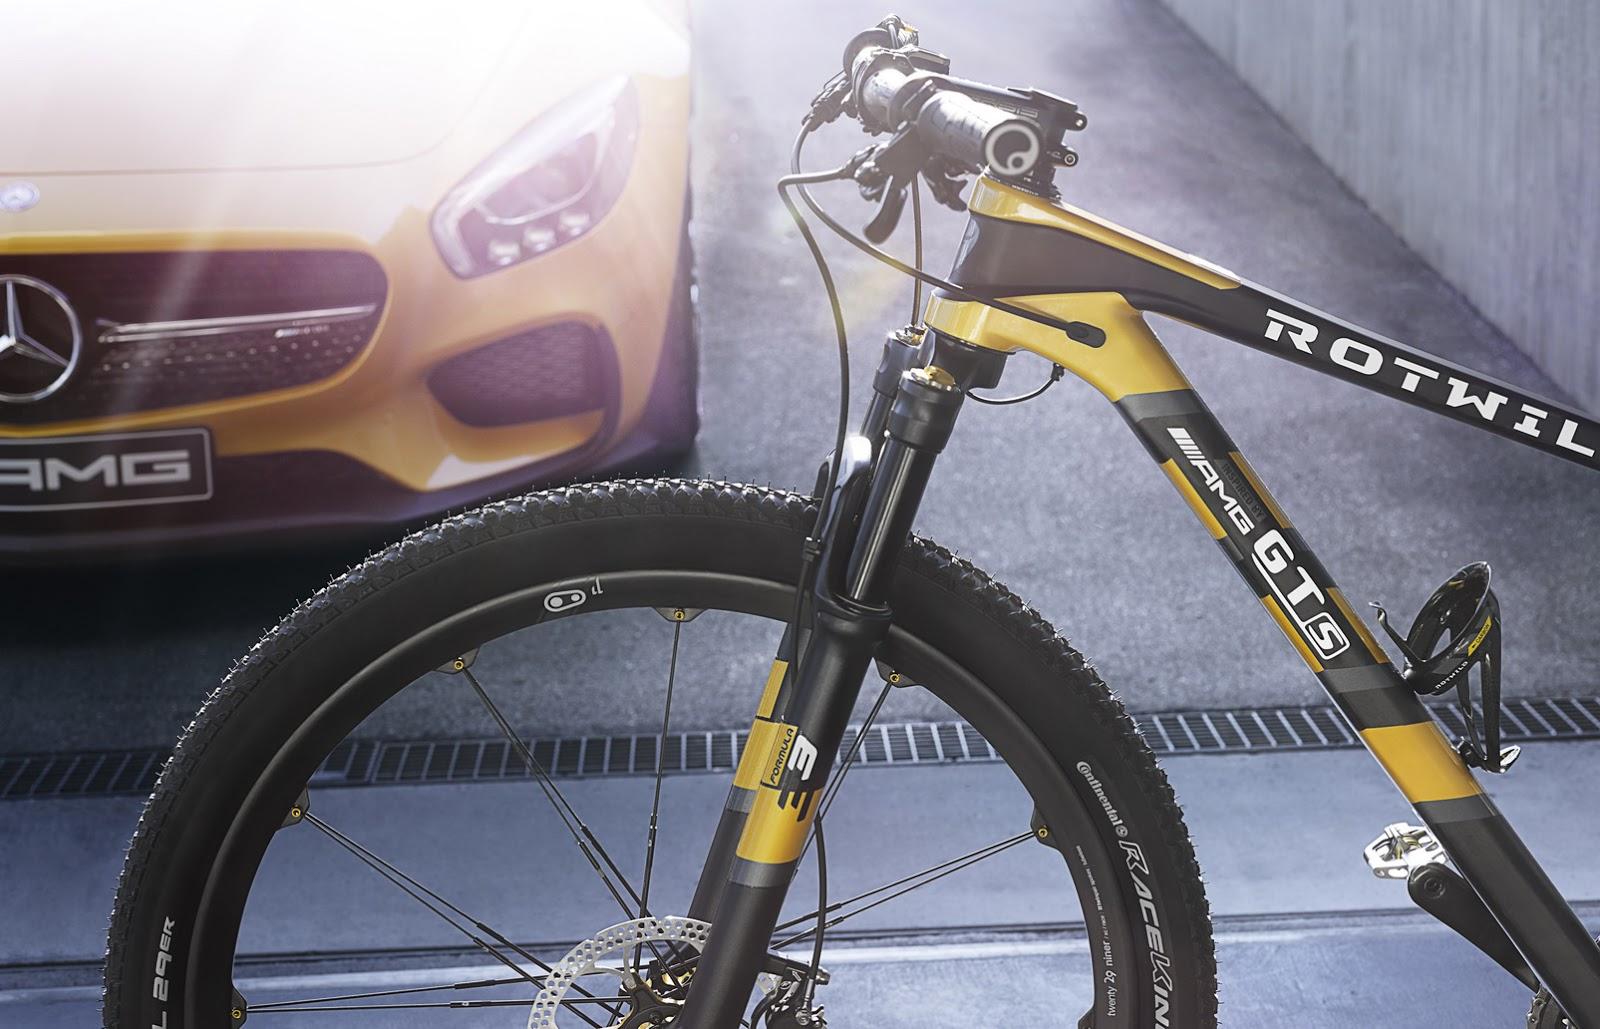 Mercedes-AMG-GT-S-Bike-8